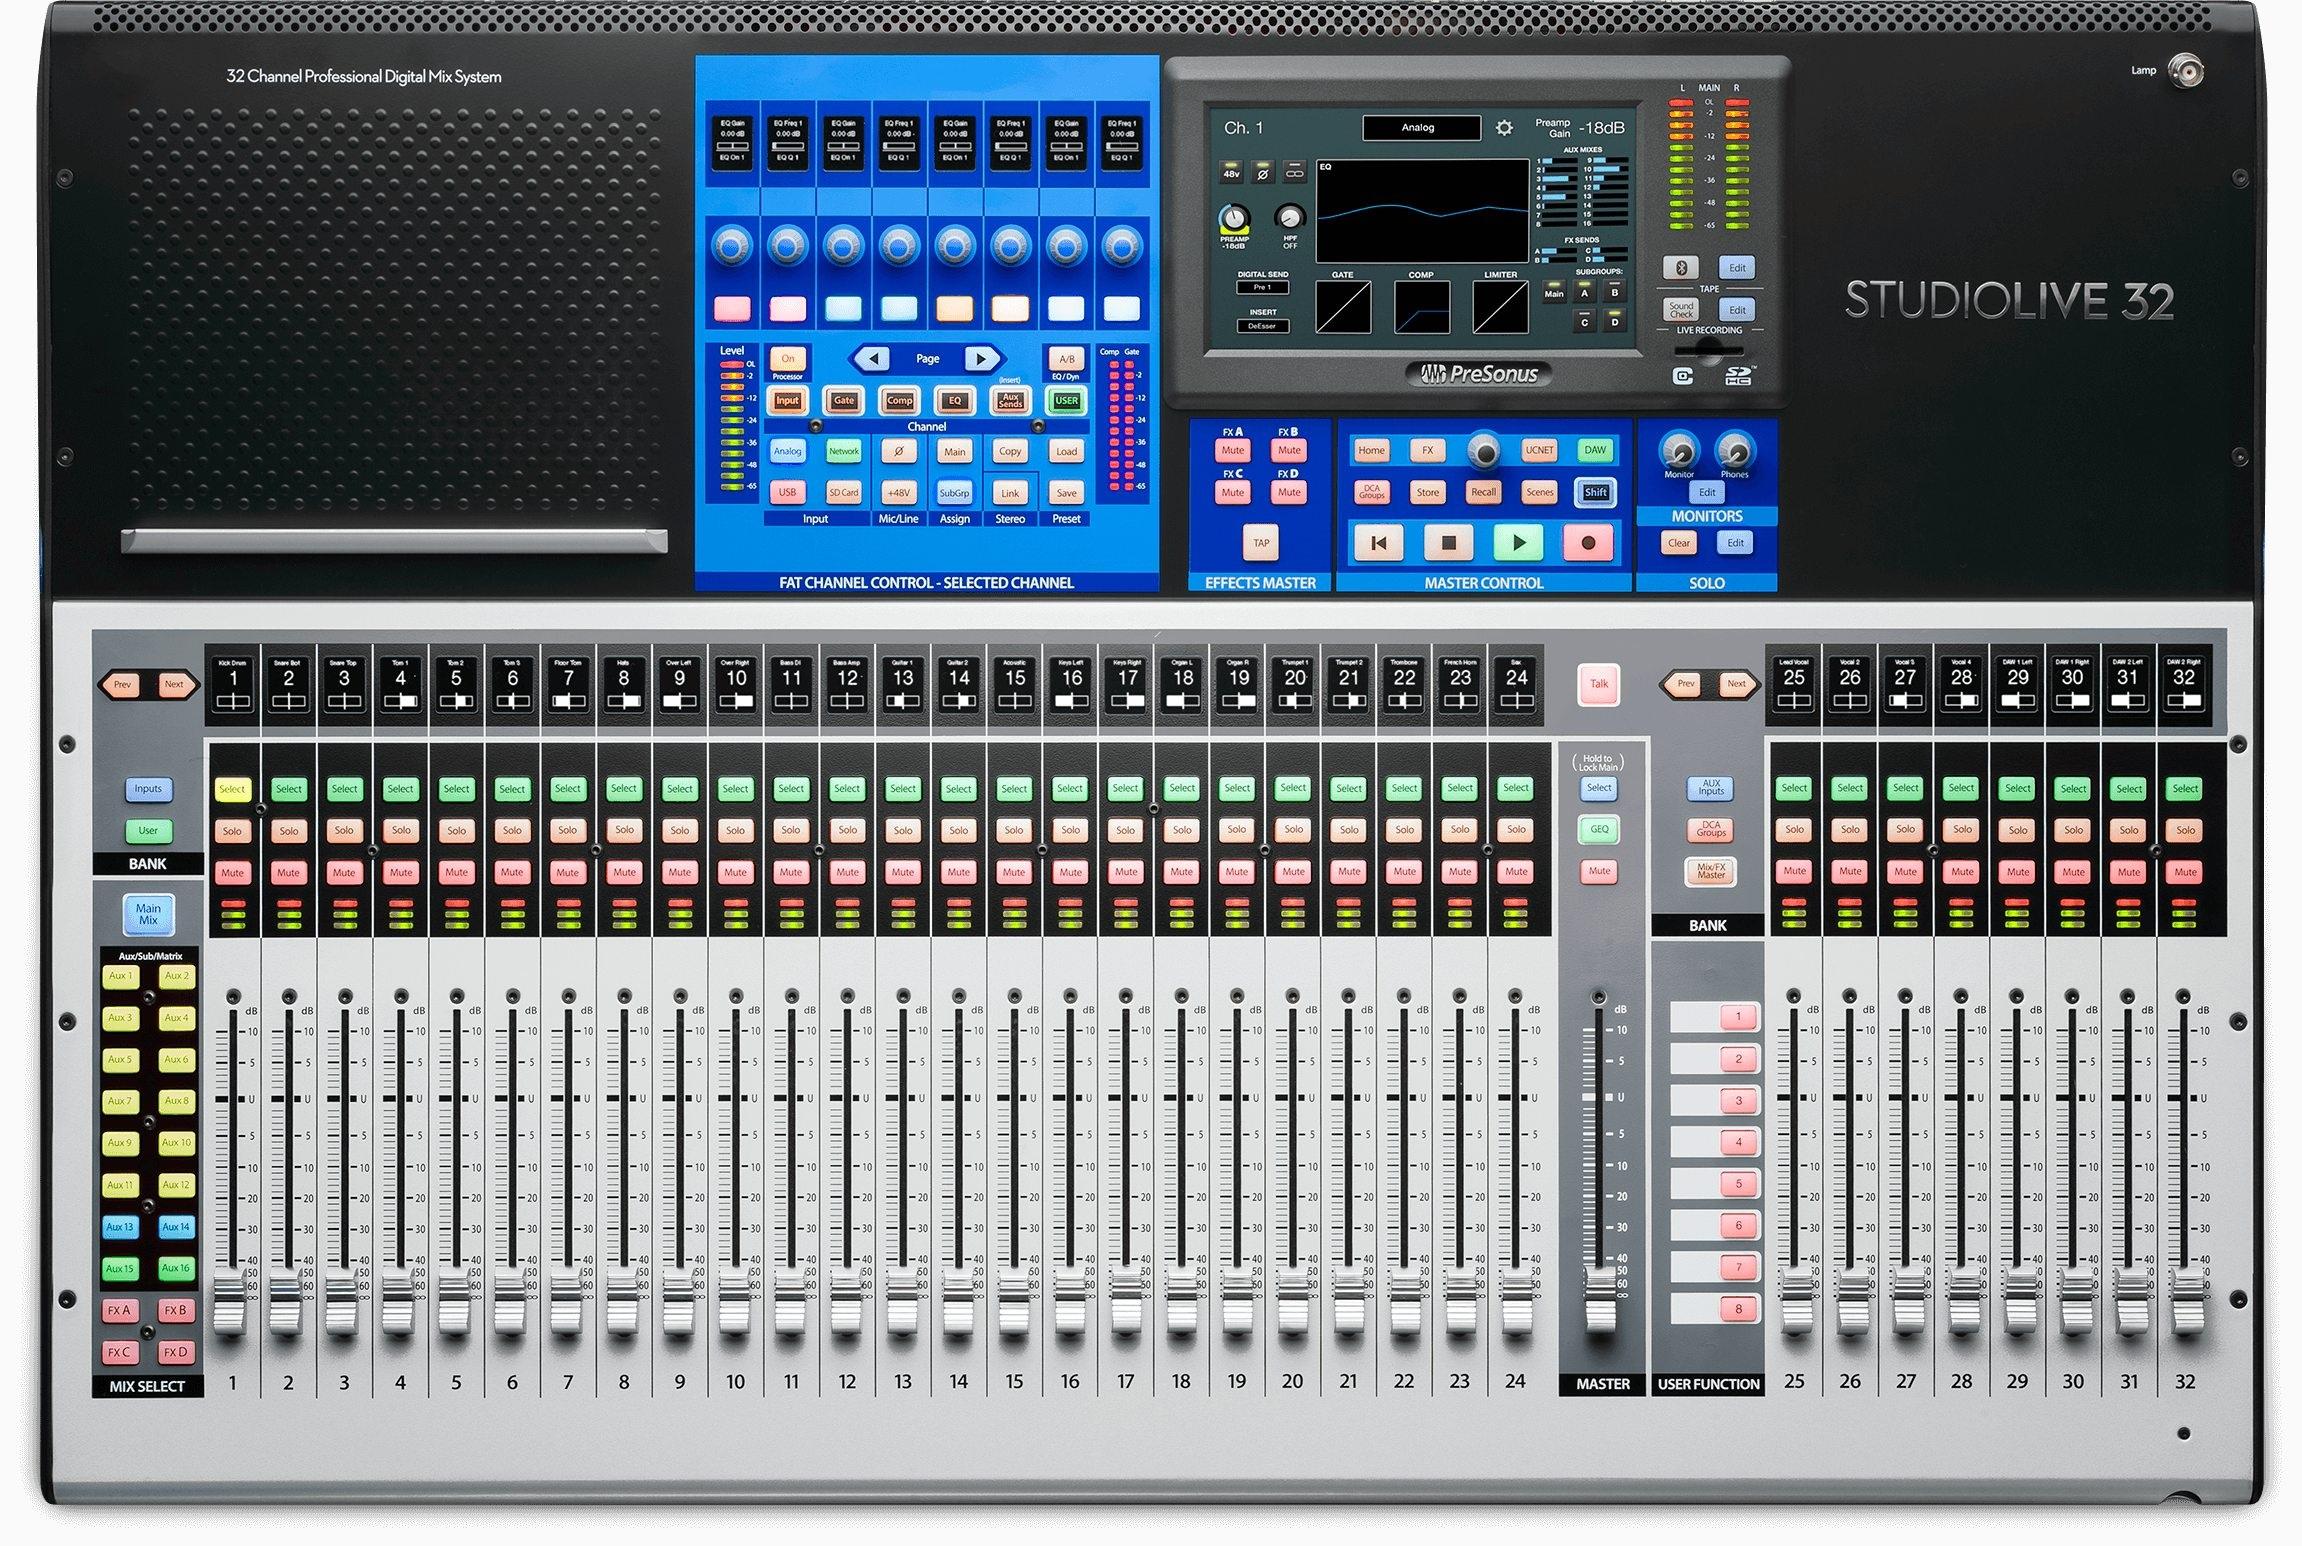 PreSonus StudioLive 32